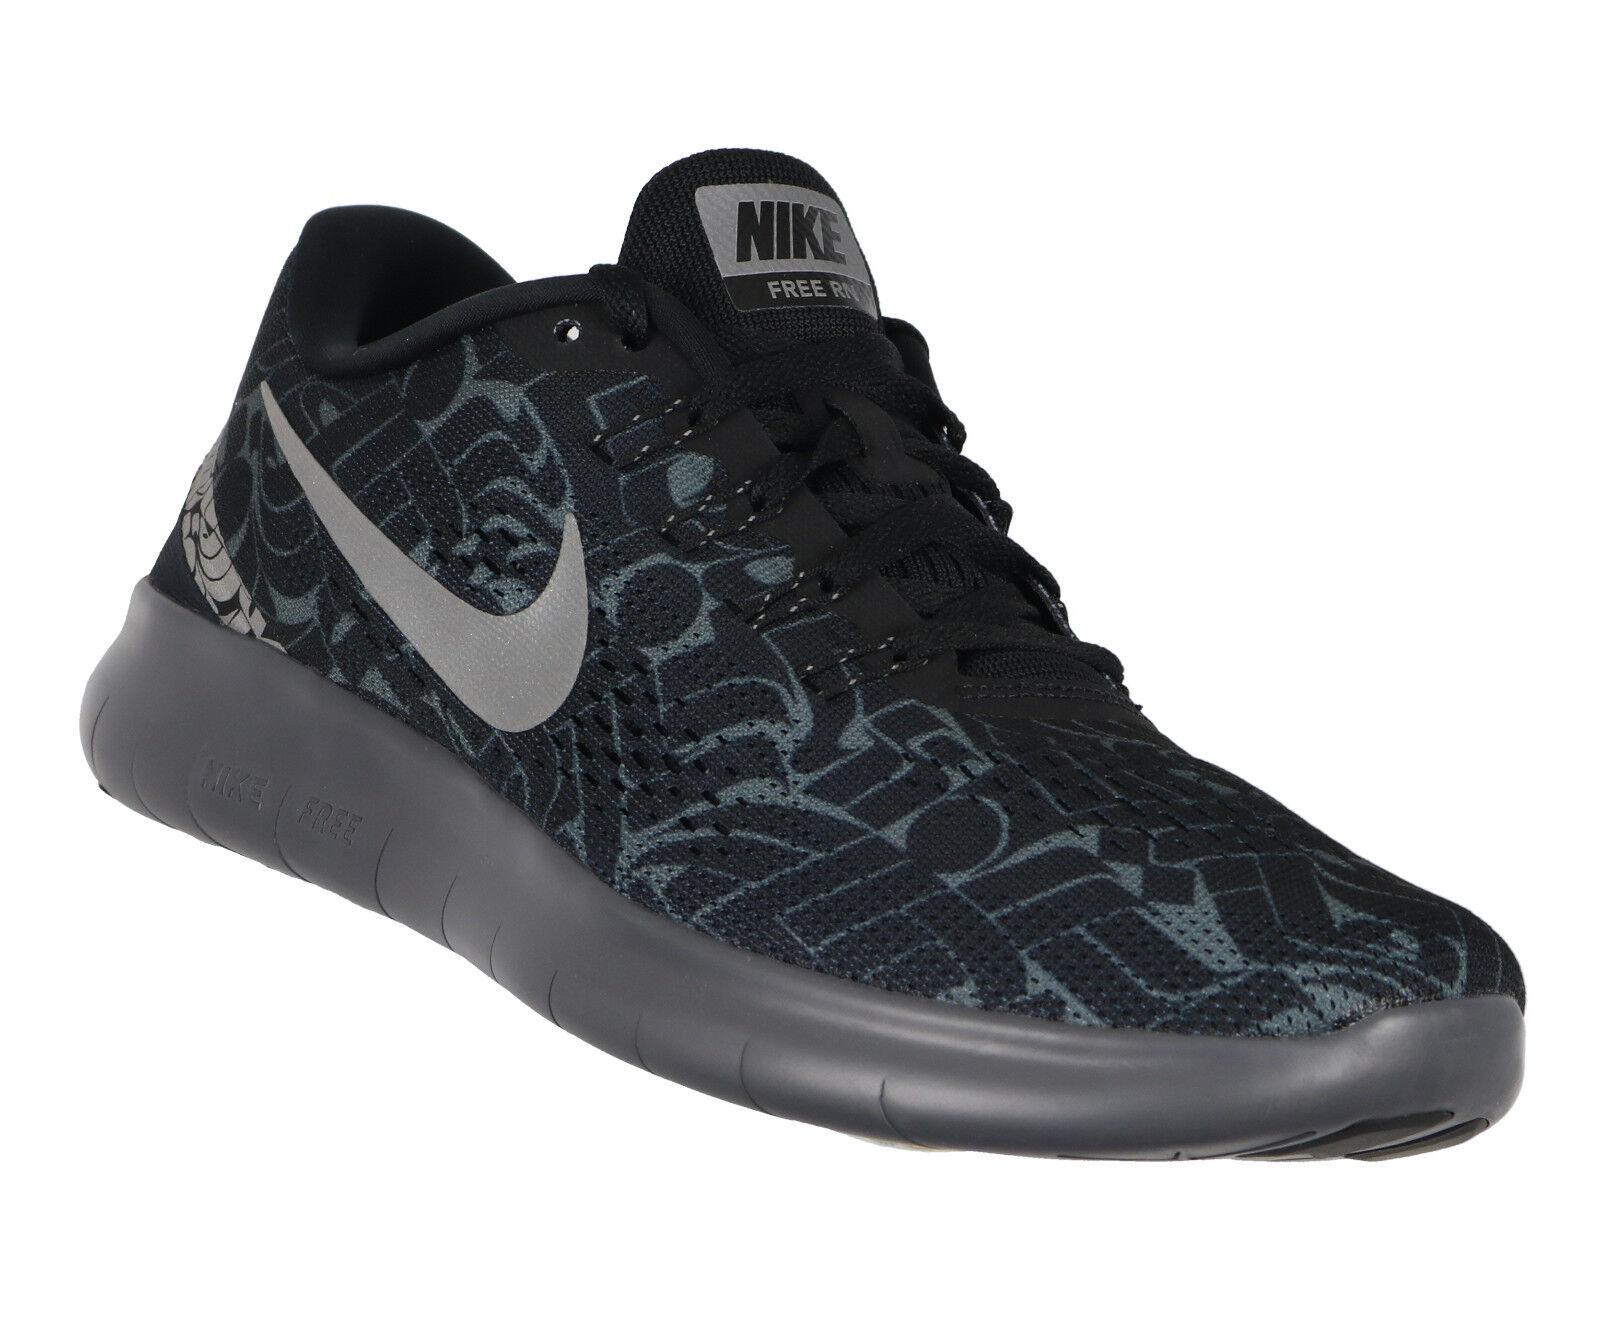 Zapatos casuales salvajes Barato y cómodo Nike Para Dama Free-run x rostarr Zapatillas Correr Talla 9.5 Negro Reflectante